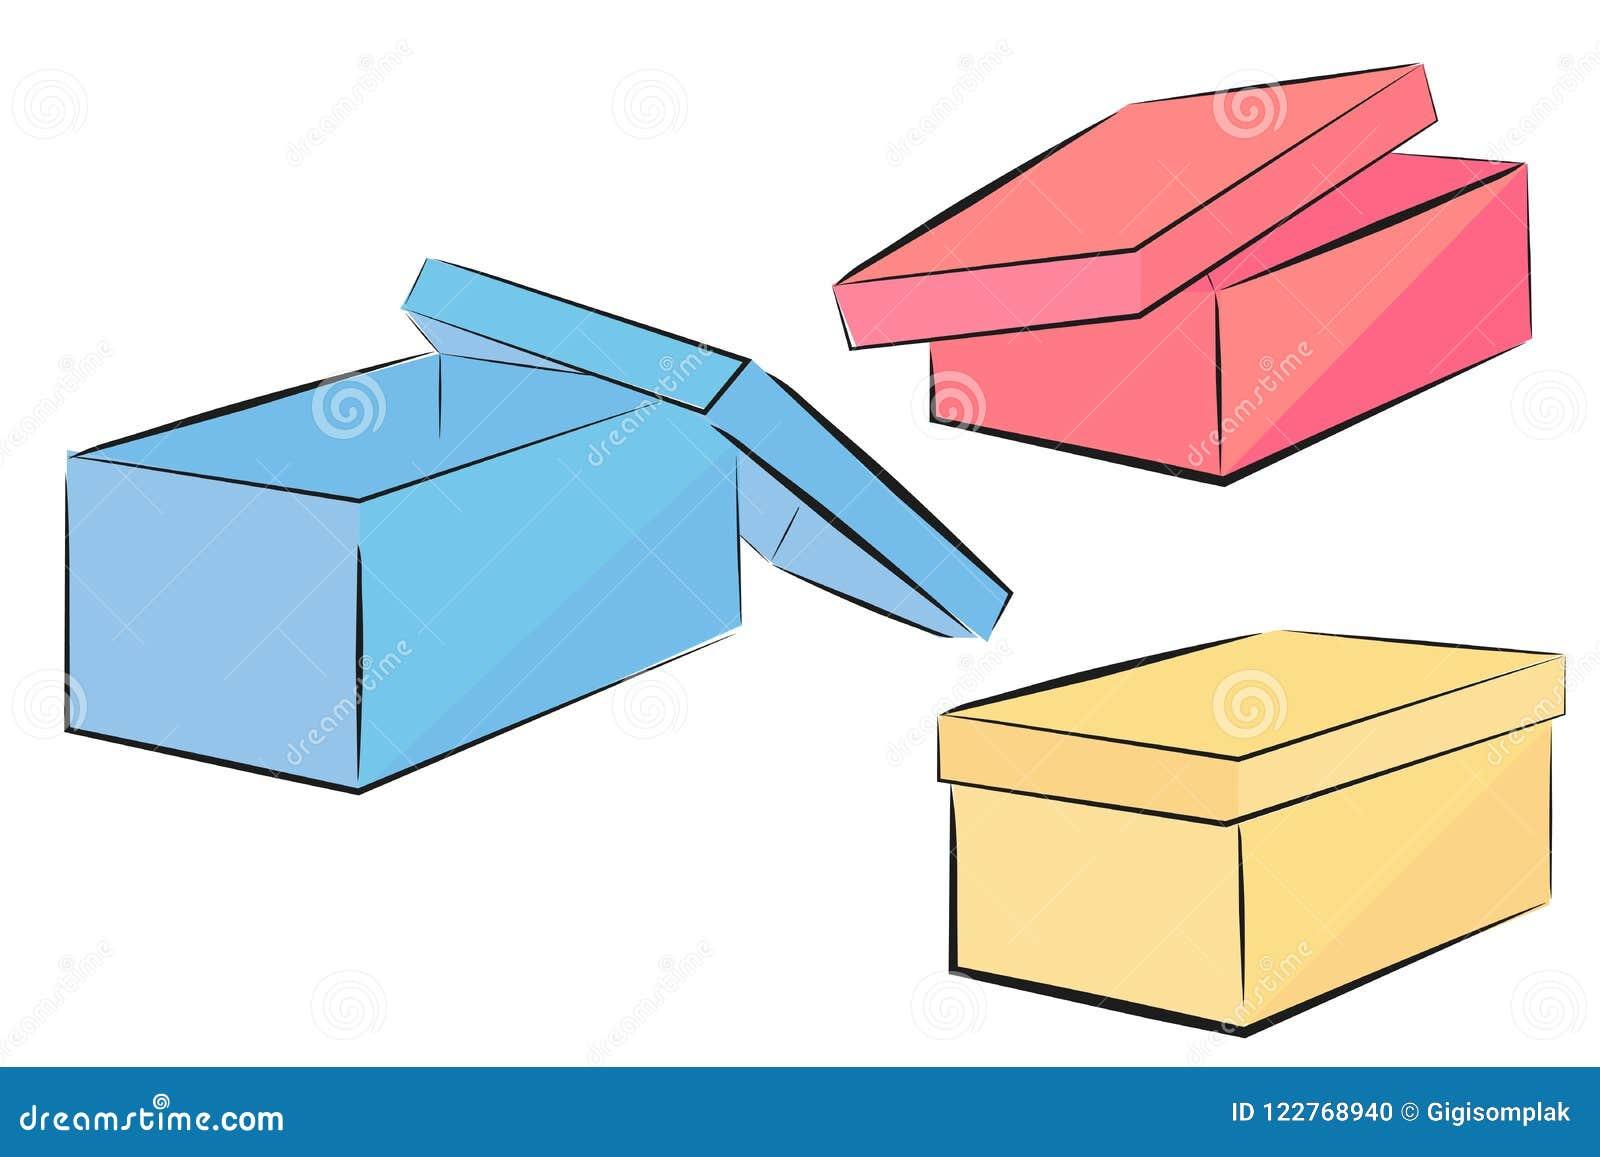 Schets van de blauwe, roze en gele doos van de perspectiefschoen